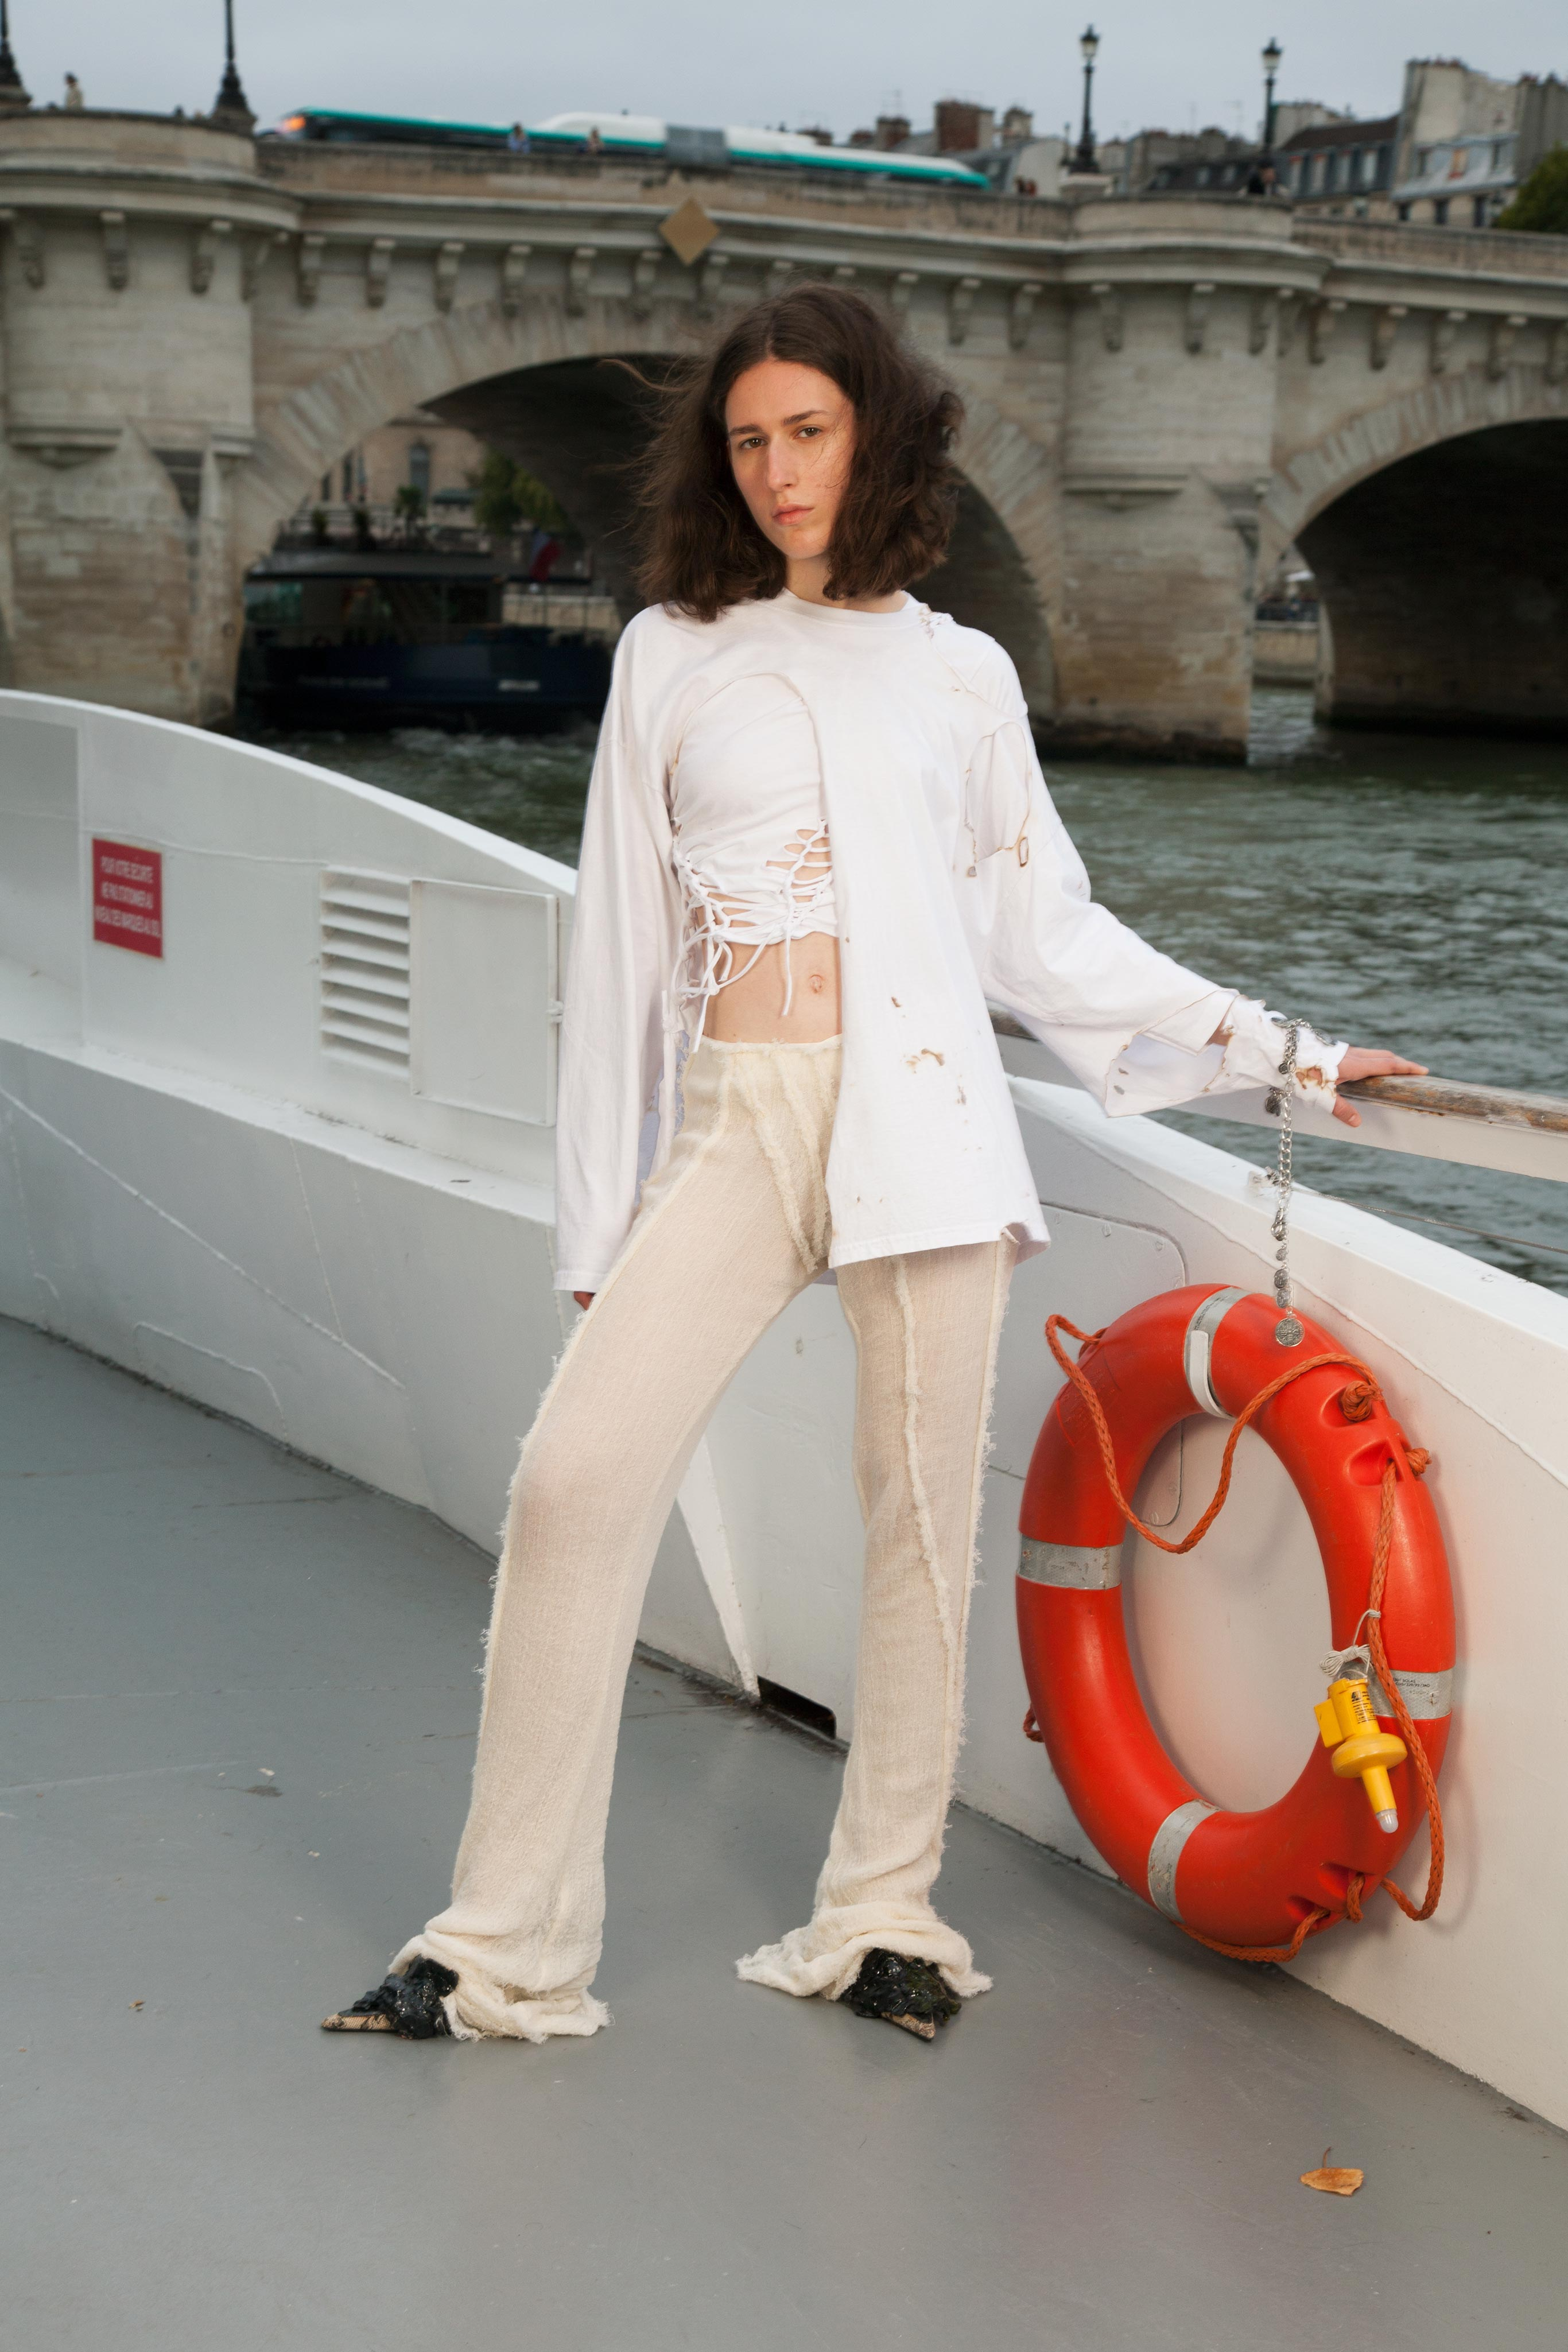 M - top model rankings, fashion modeling news Akumajou dracula gallery of labyrinth rev01